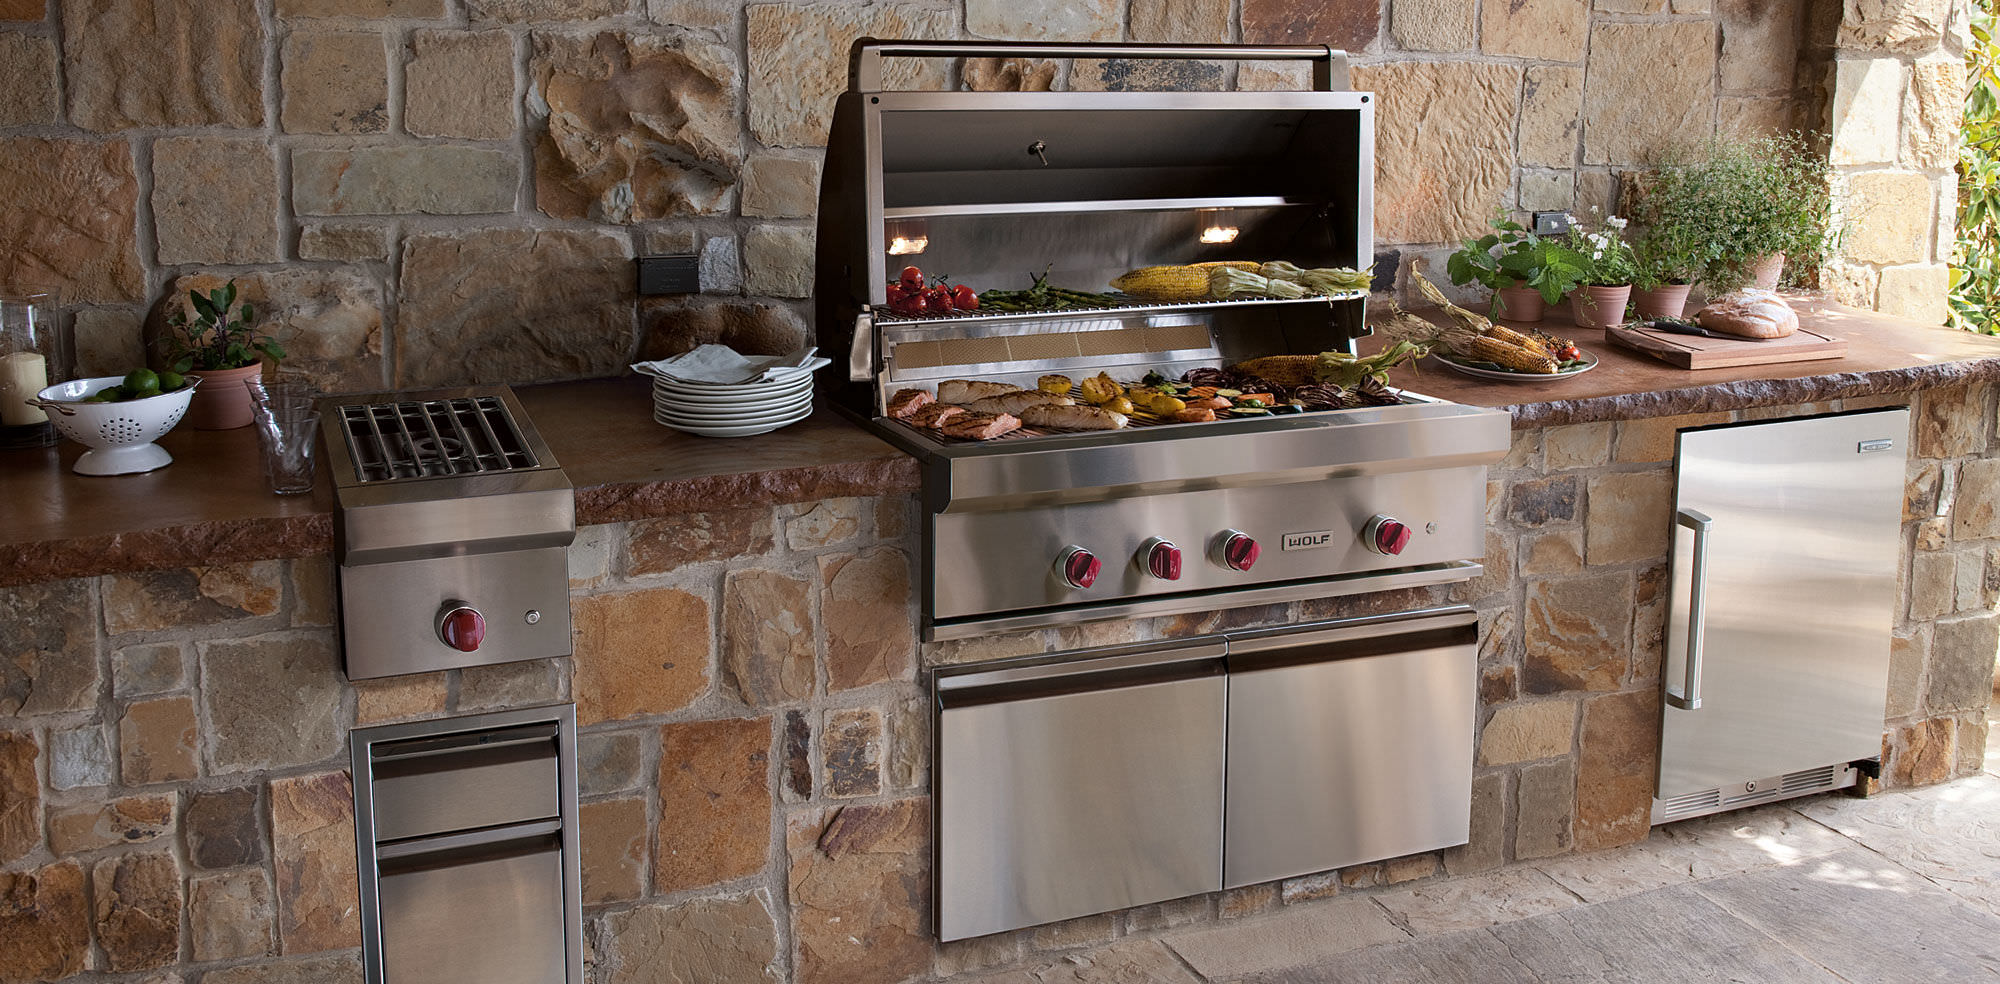 Quel barbecue choisir entre barbecue lectrique  gaz ou